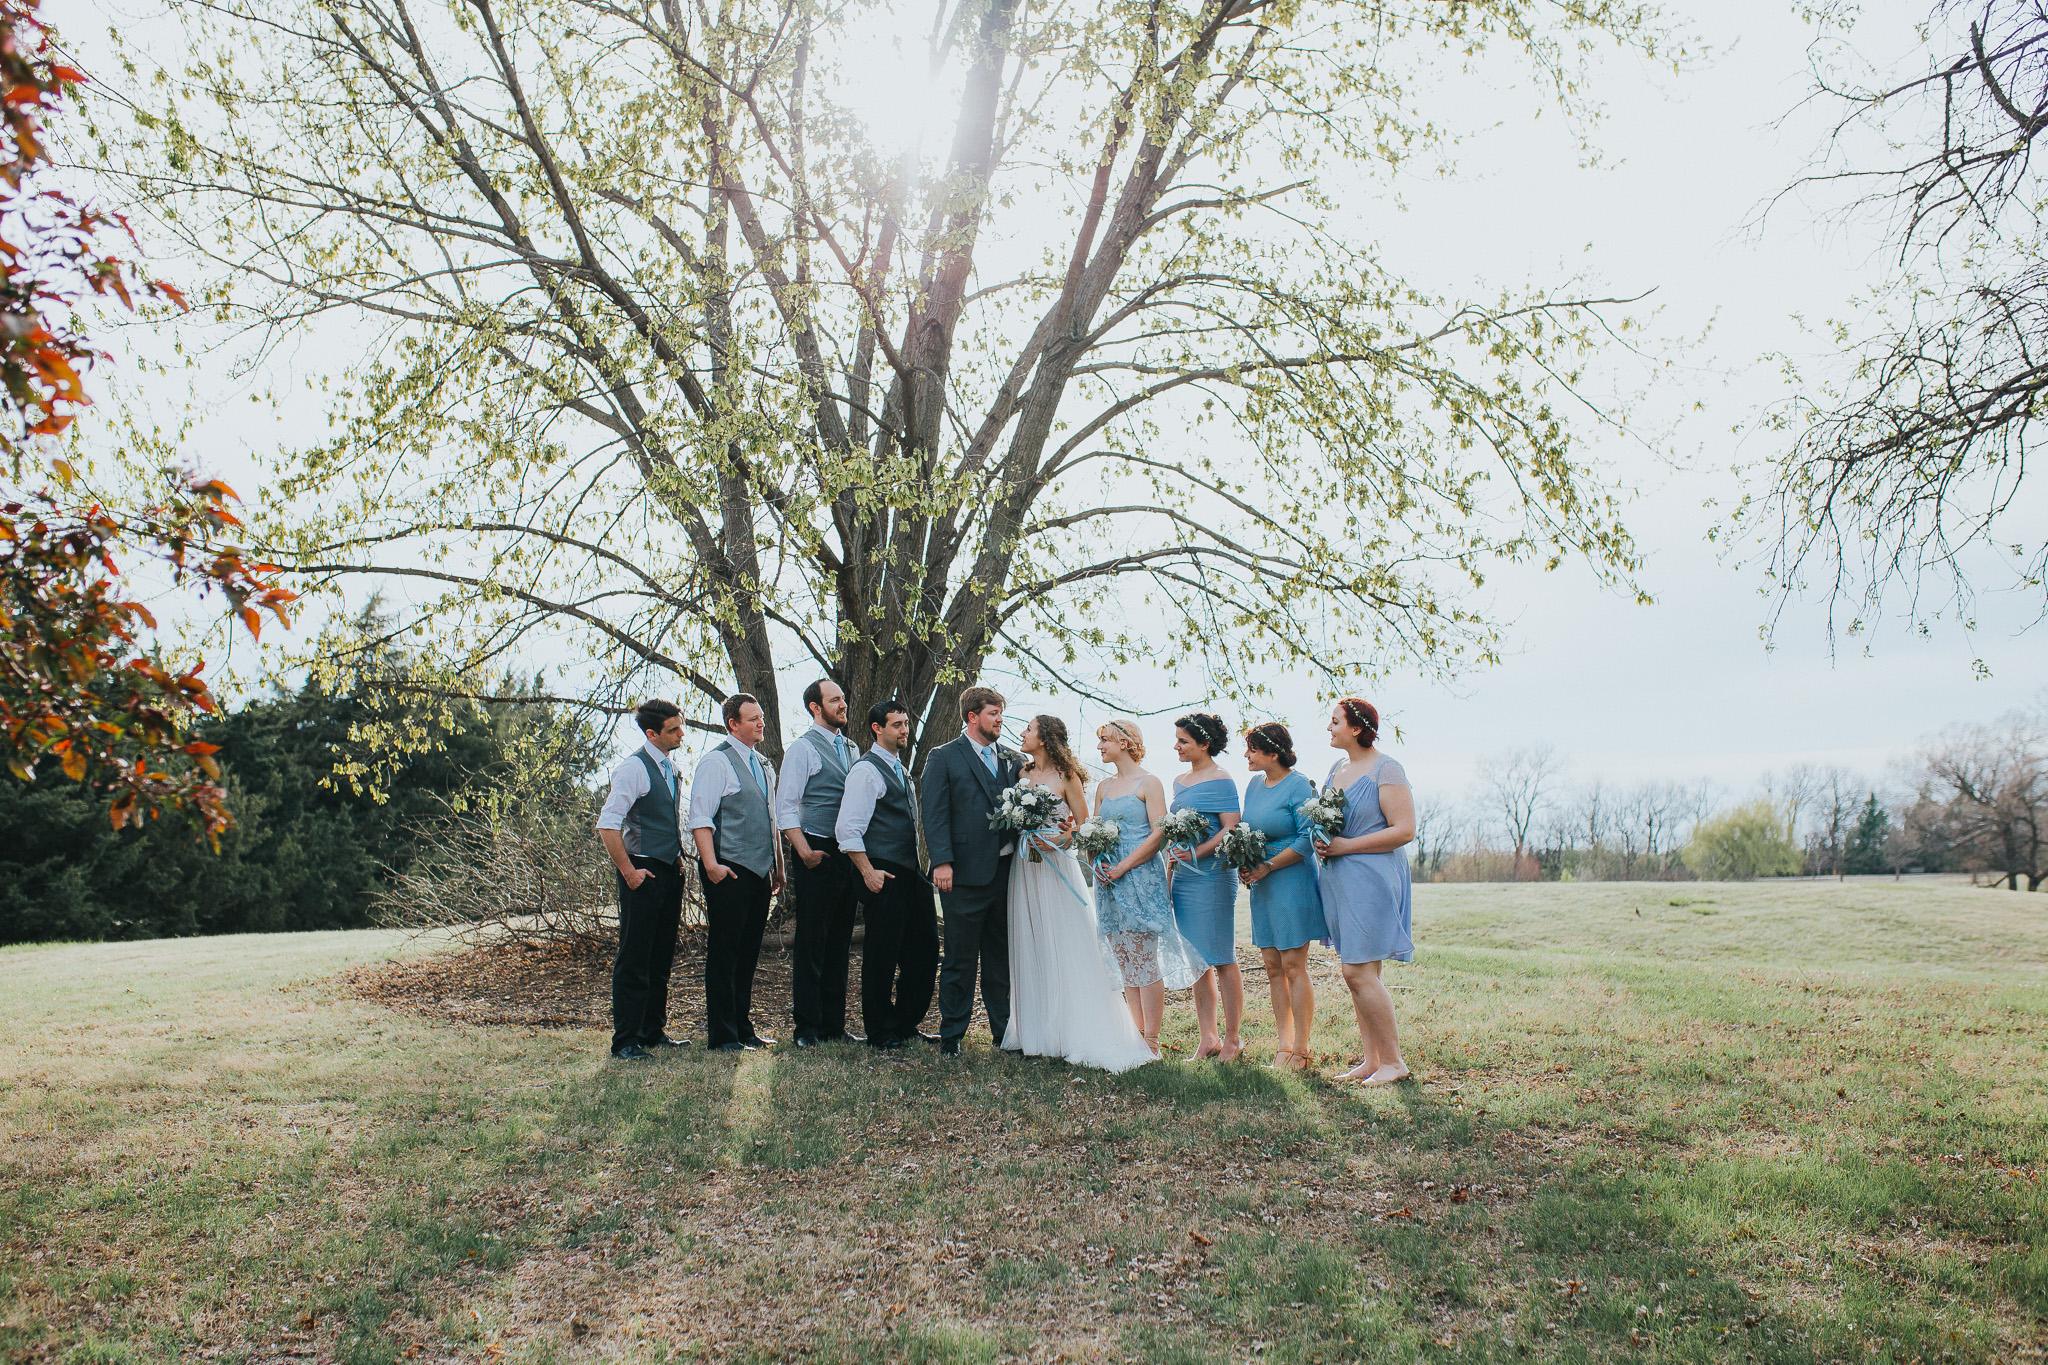 snyder_wedding_5.jpg